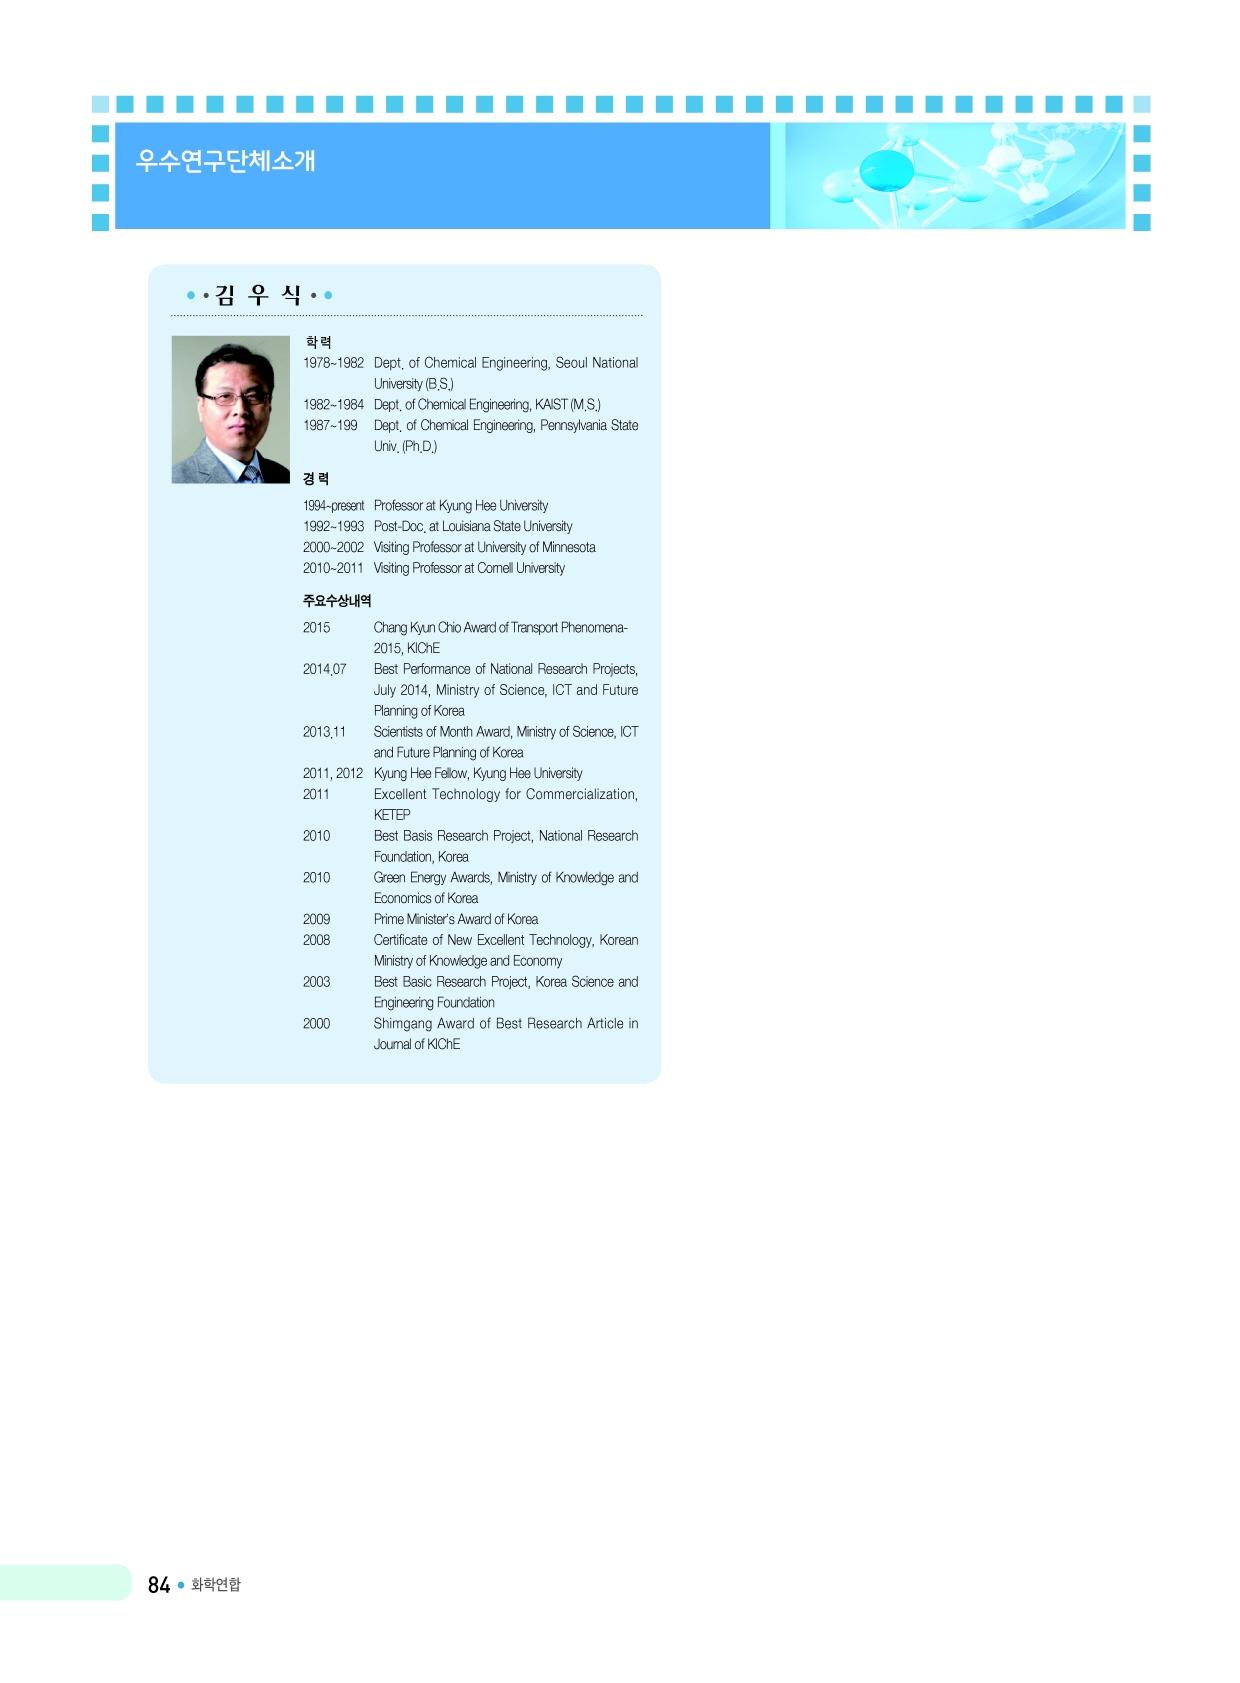 한국화학관련학회연합회_화학연합 8권1호_우수연구단체소개_7.jpg